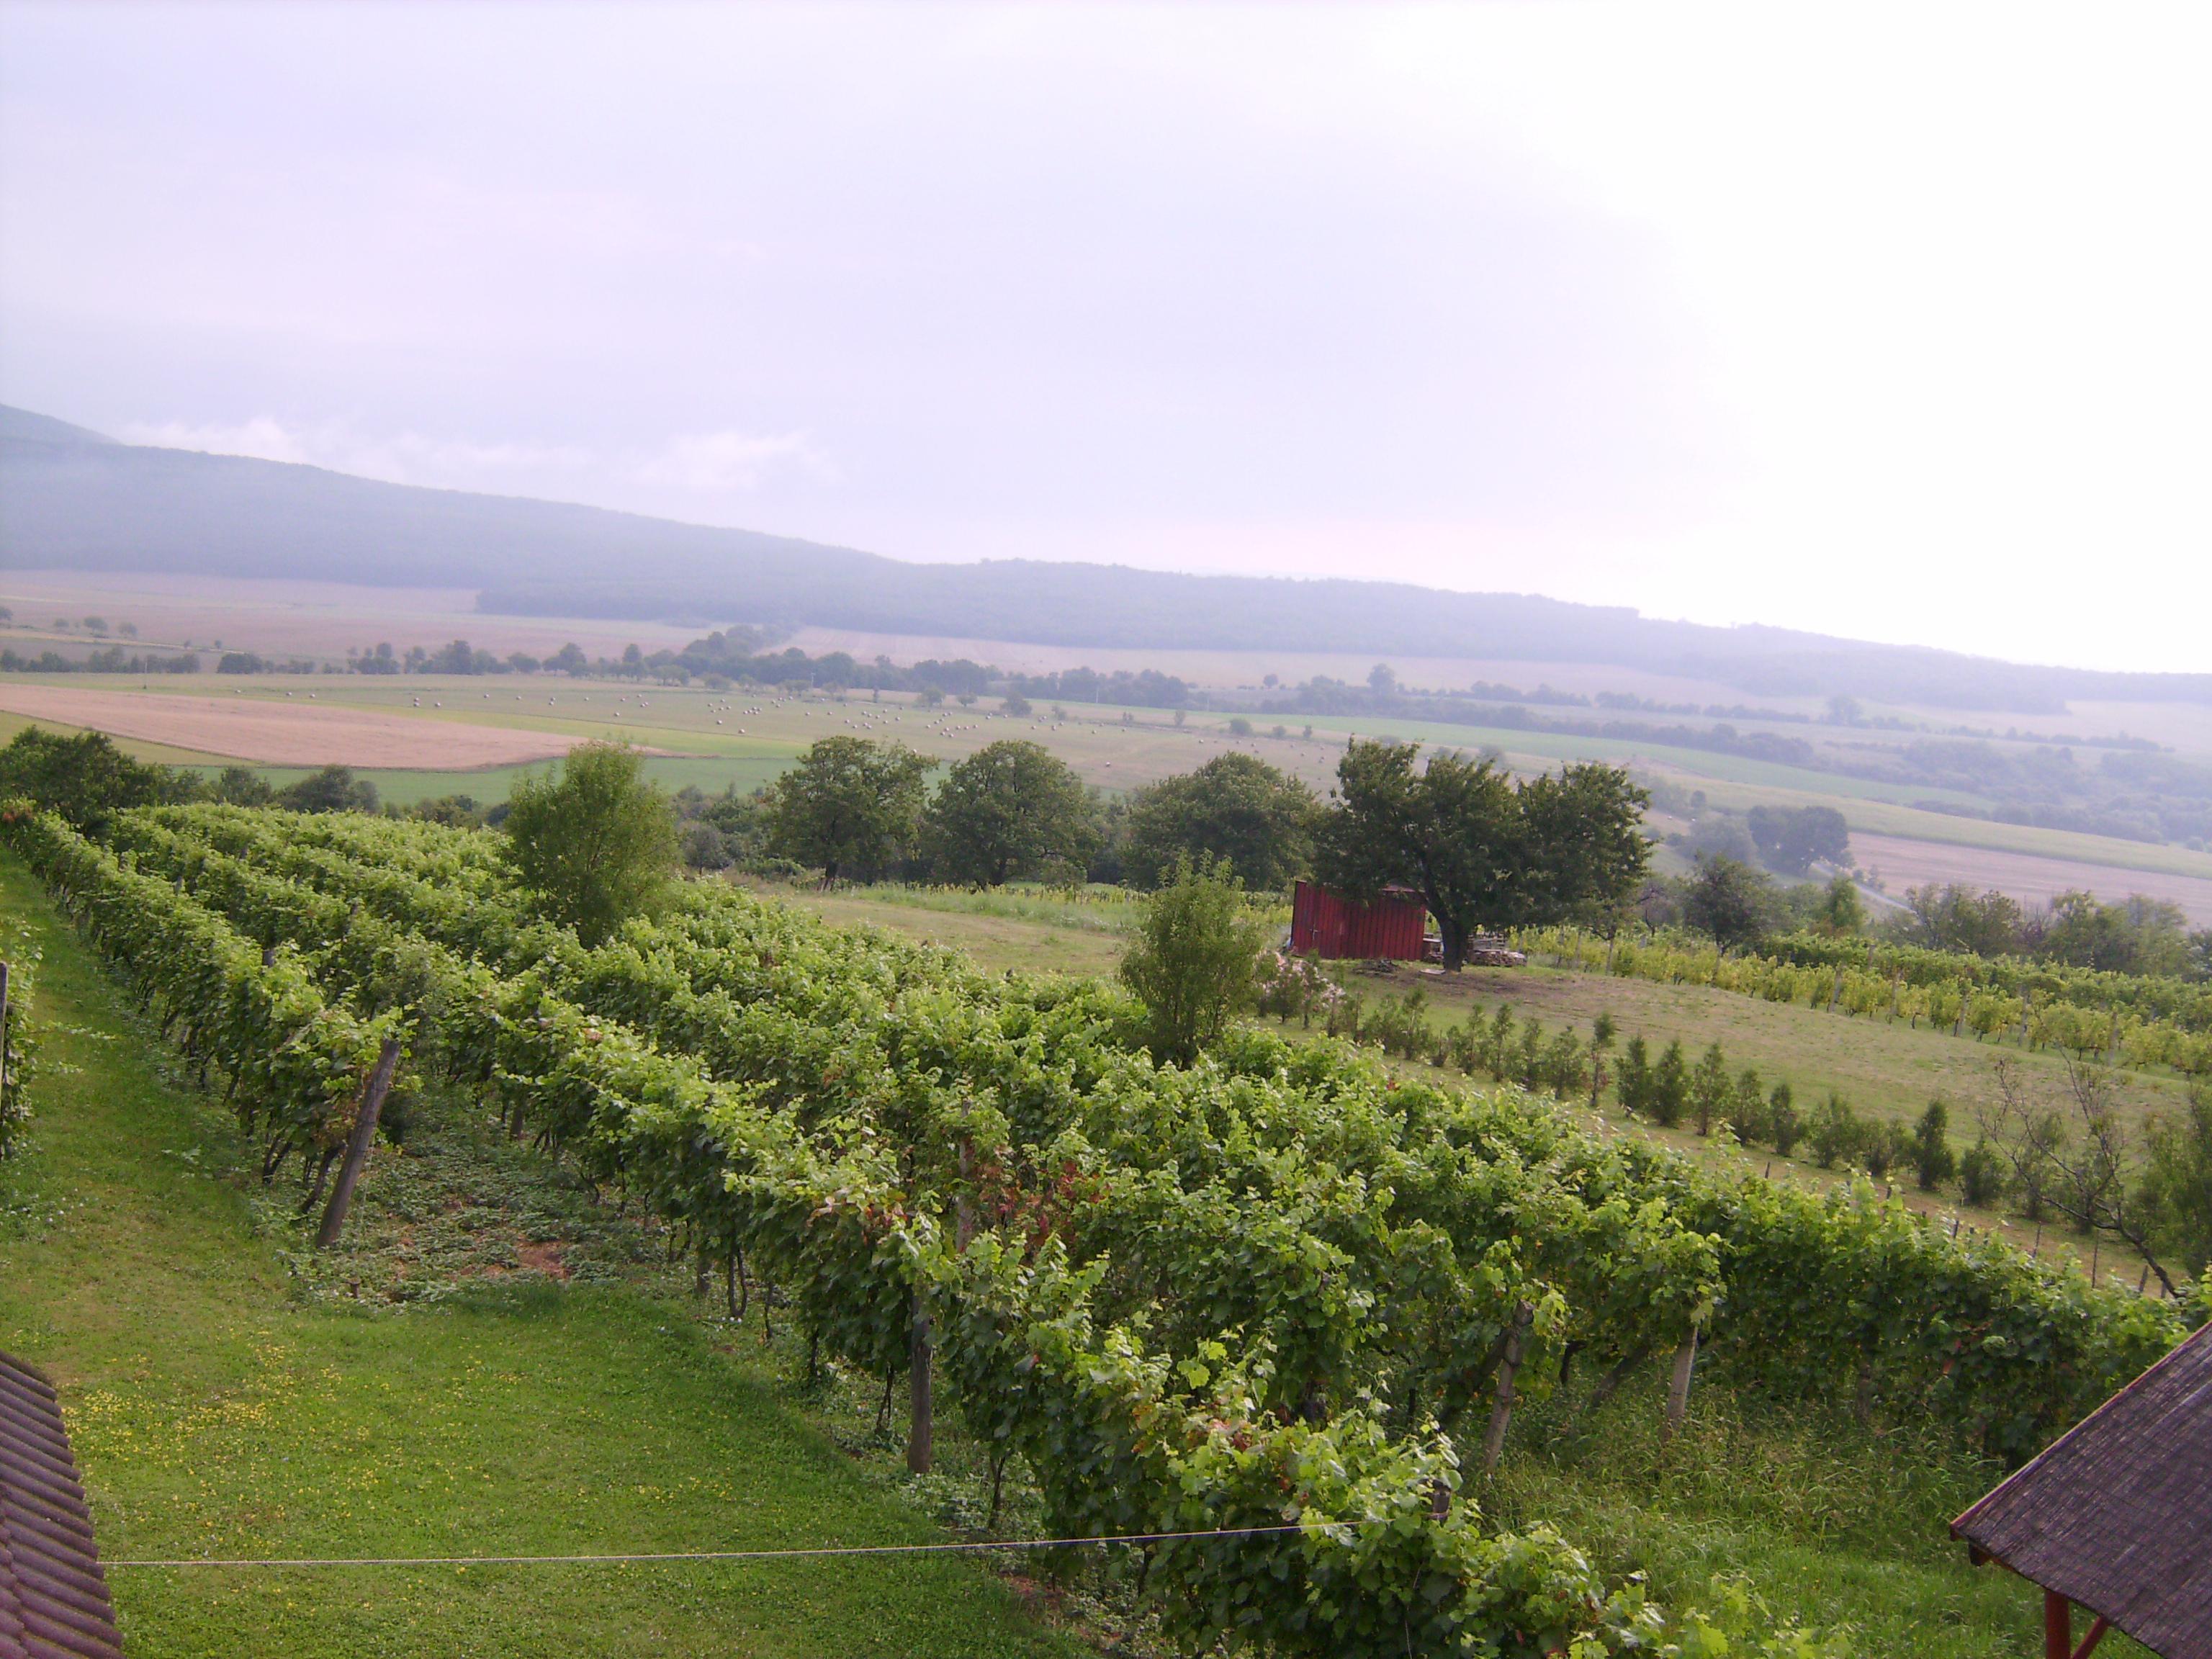 Legnagyobb sajnálatunkra túl korán voltunk itt ahhoz, hogy a ház mögötti igazi szőlőültetvényről csipegessünk.